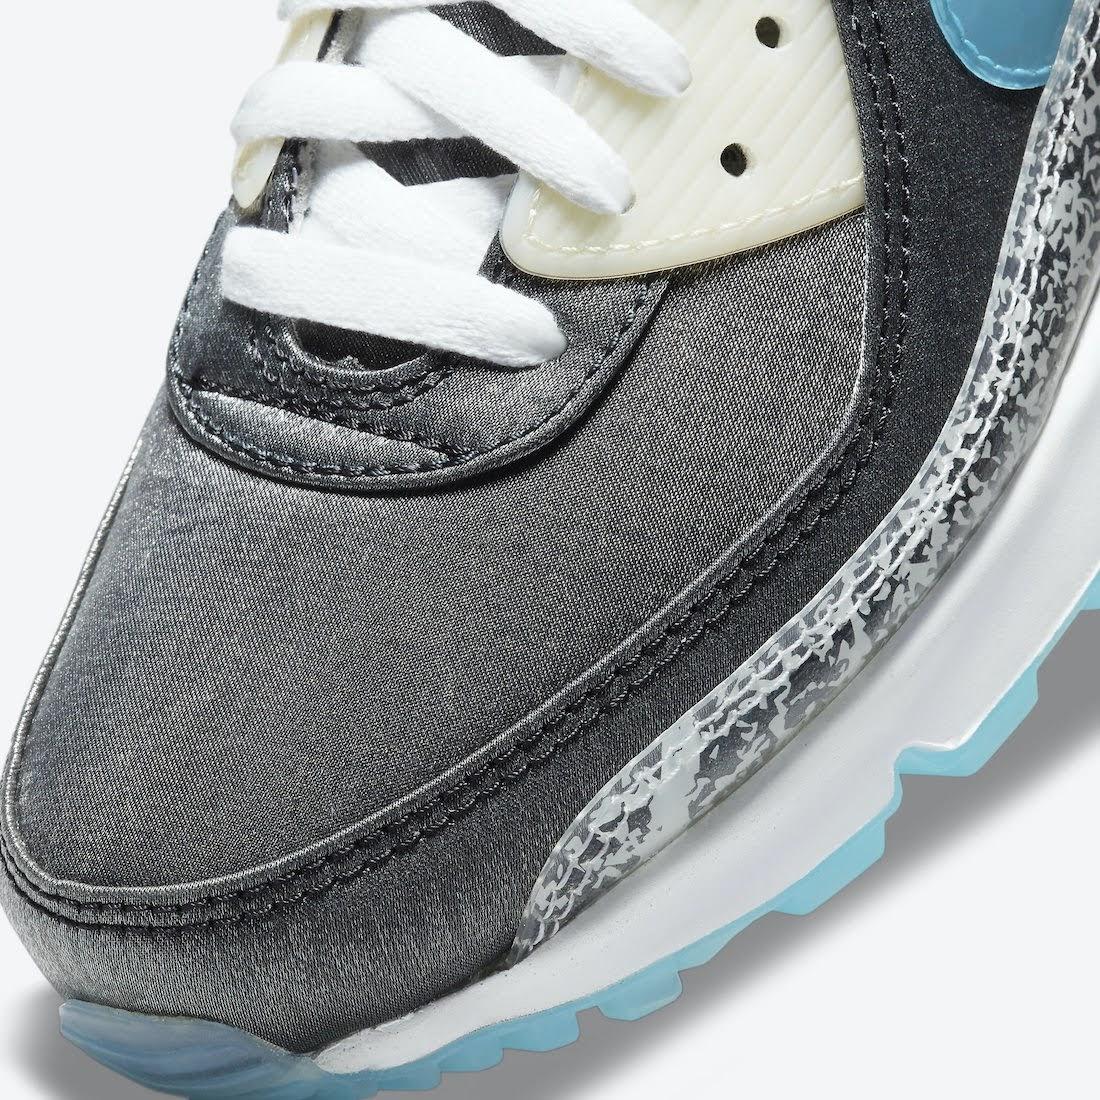 """ナイキ ウィメンズ エア マックス 90 """"おにぎり"""" Nike-Air-Max-90-Rice-Ball-DD5483-010-toe"""